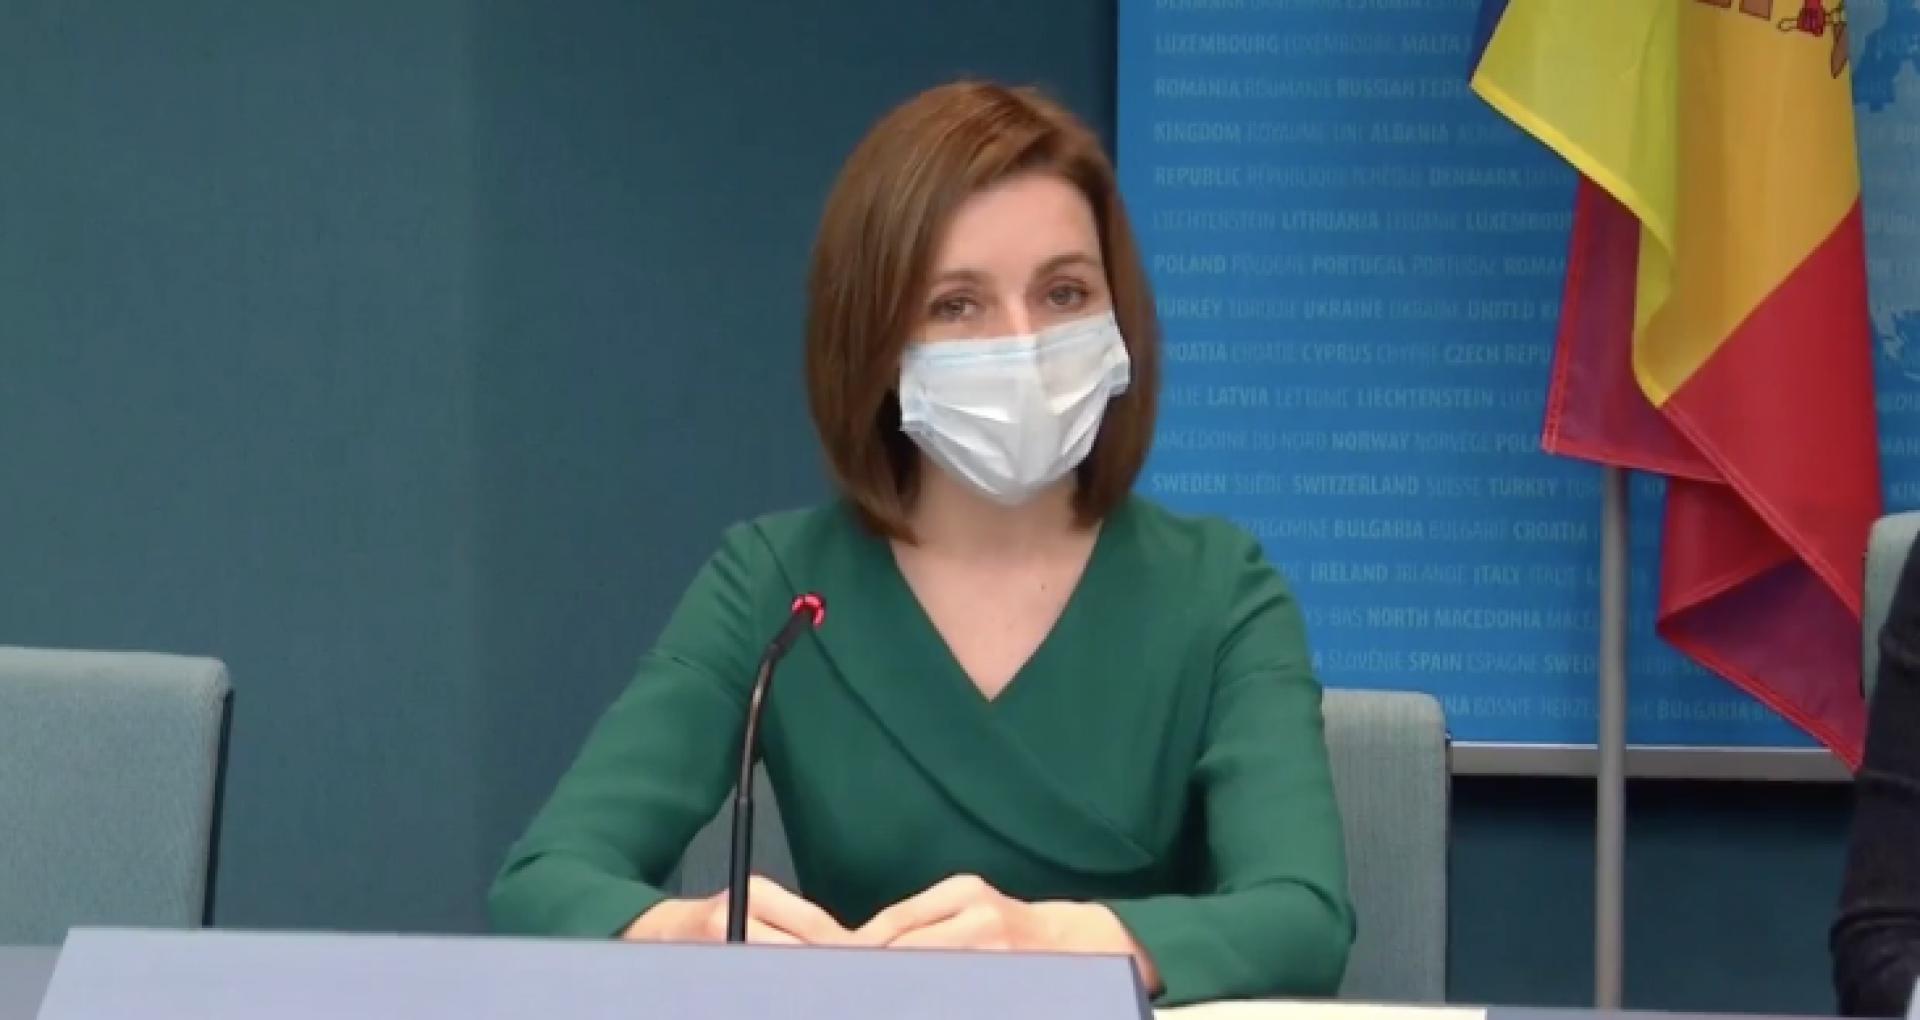 """Președinta Maia Sandu, despre activitatea ANI: """"Noi am solicitat asistență de la Guvernul francez și este planificată o vizită cu reprezentanții instituției lor de integritate ca să ne spună de ce nu funcționează lucrurile la noi"""""""